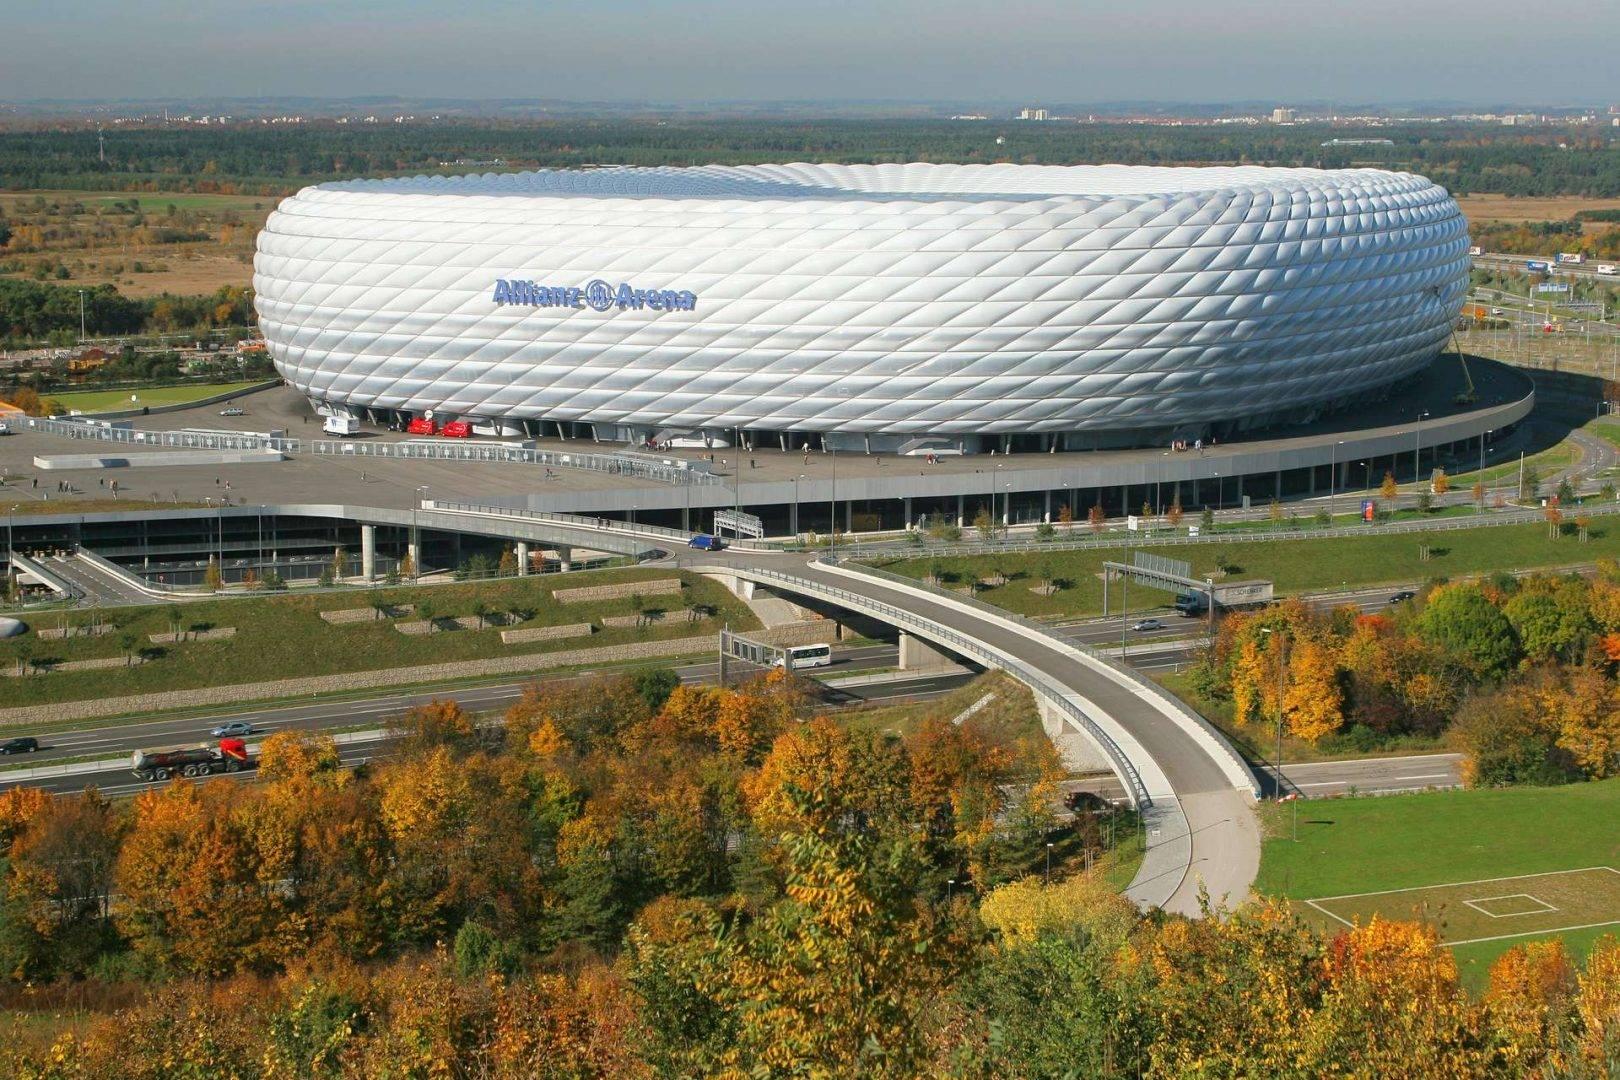 Wyjazd na mecz FC Bayern Monachium